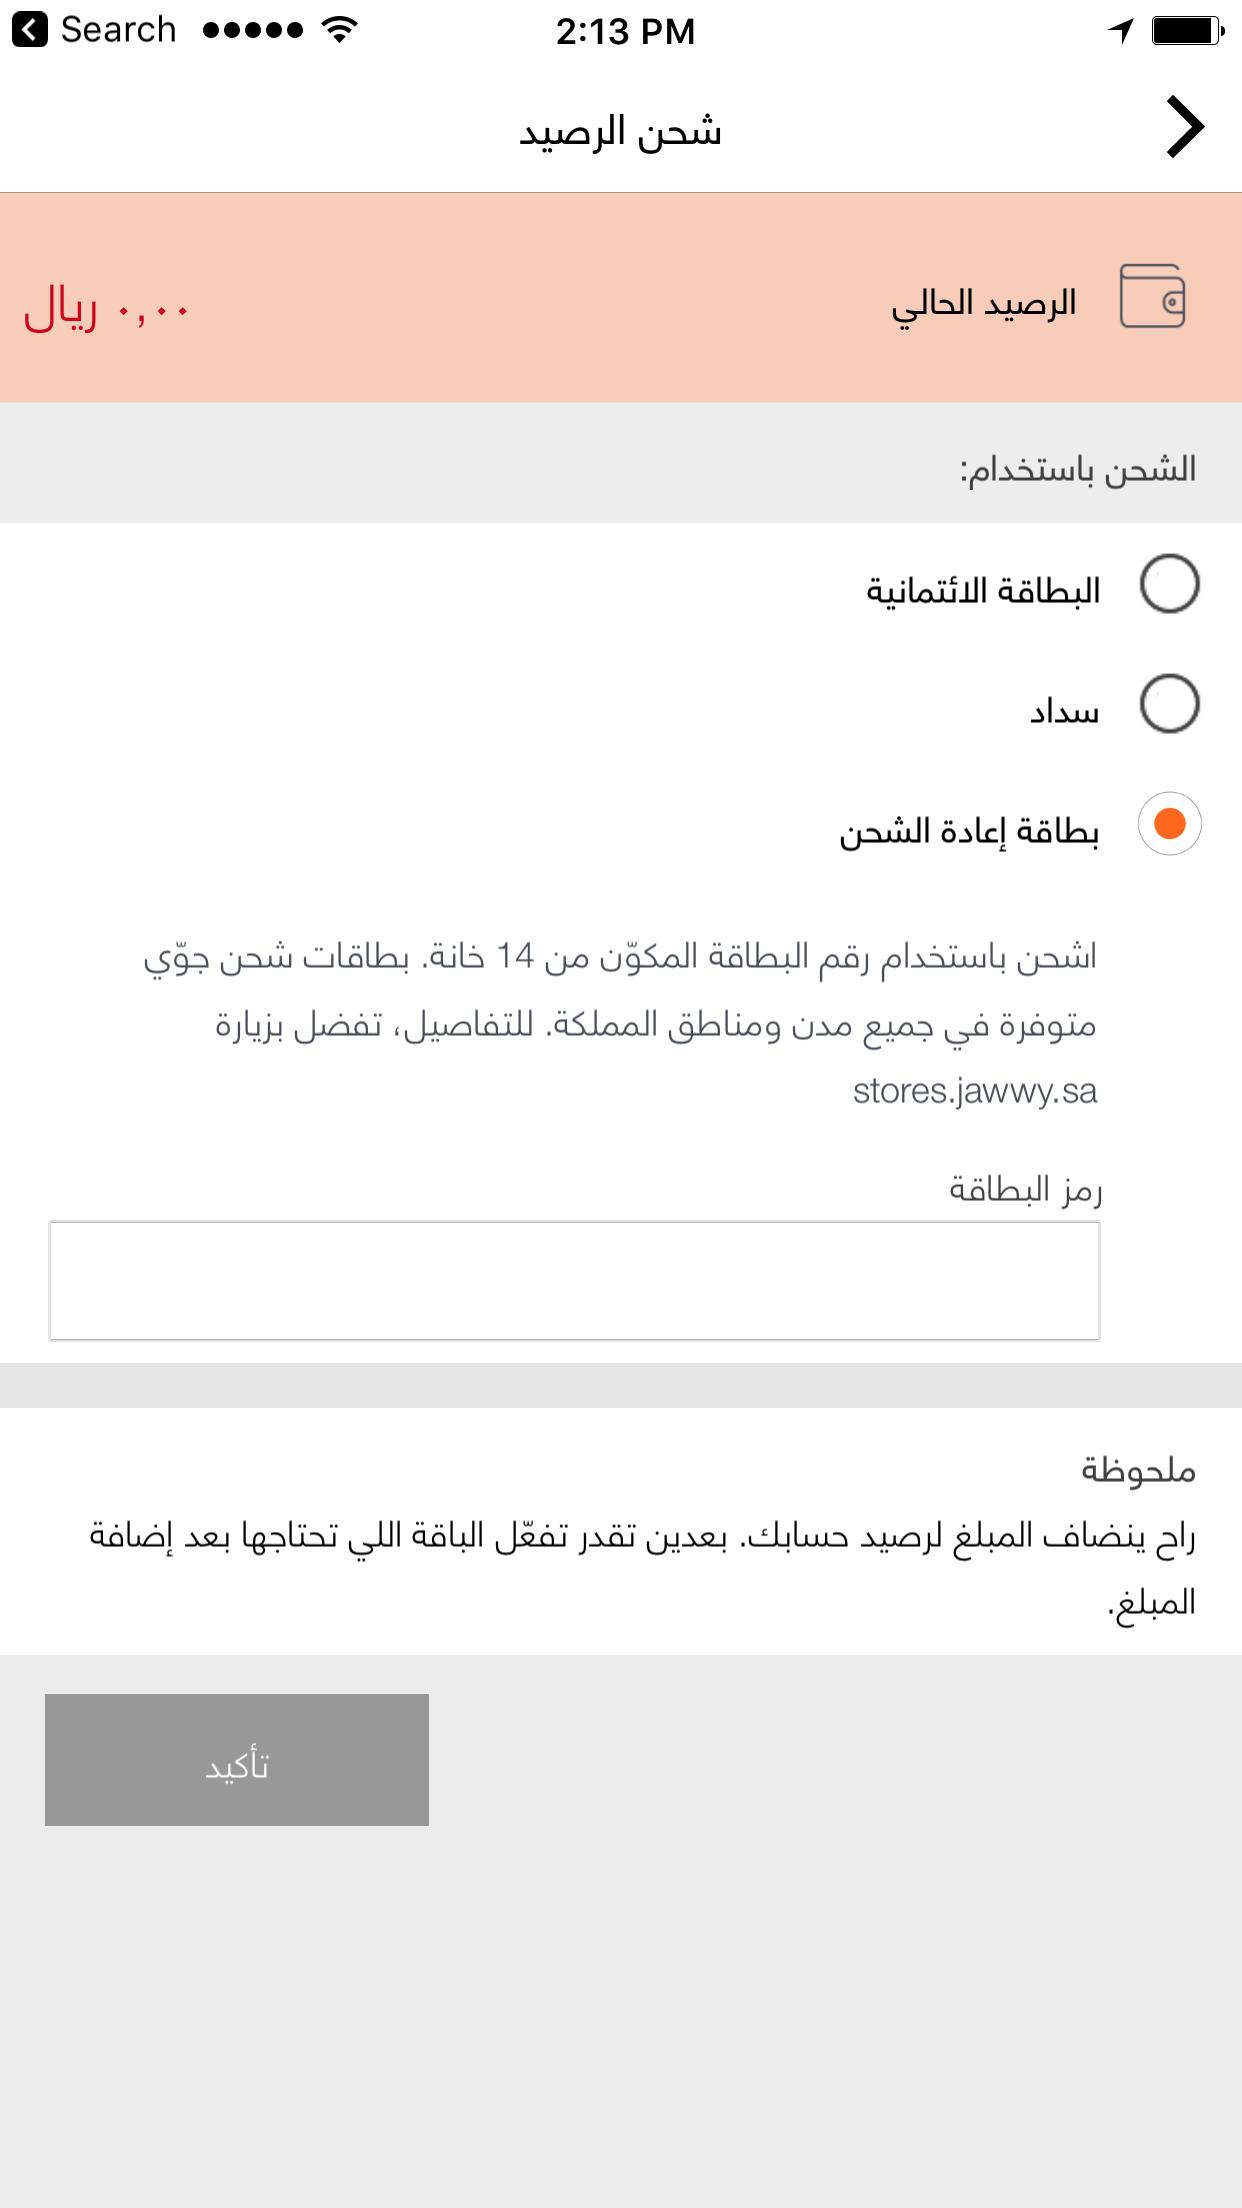 كيف أقدر استخدم بطاقات شحن جو ي أو سوا على التطبيق Jawwy Community منتدى جوي